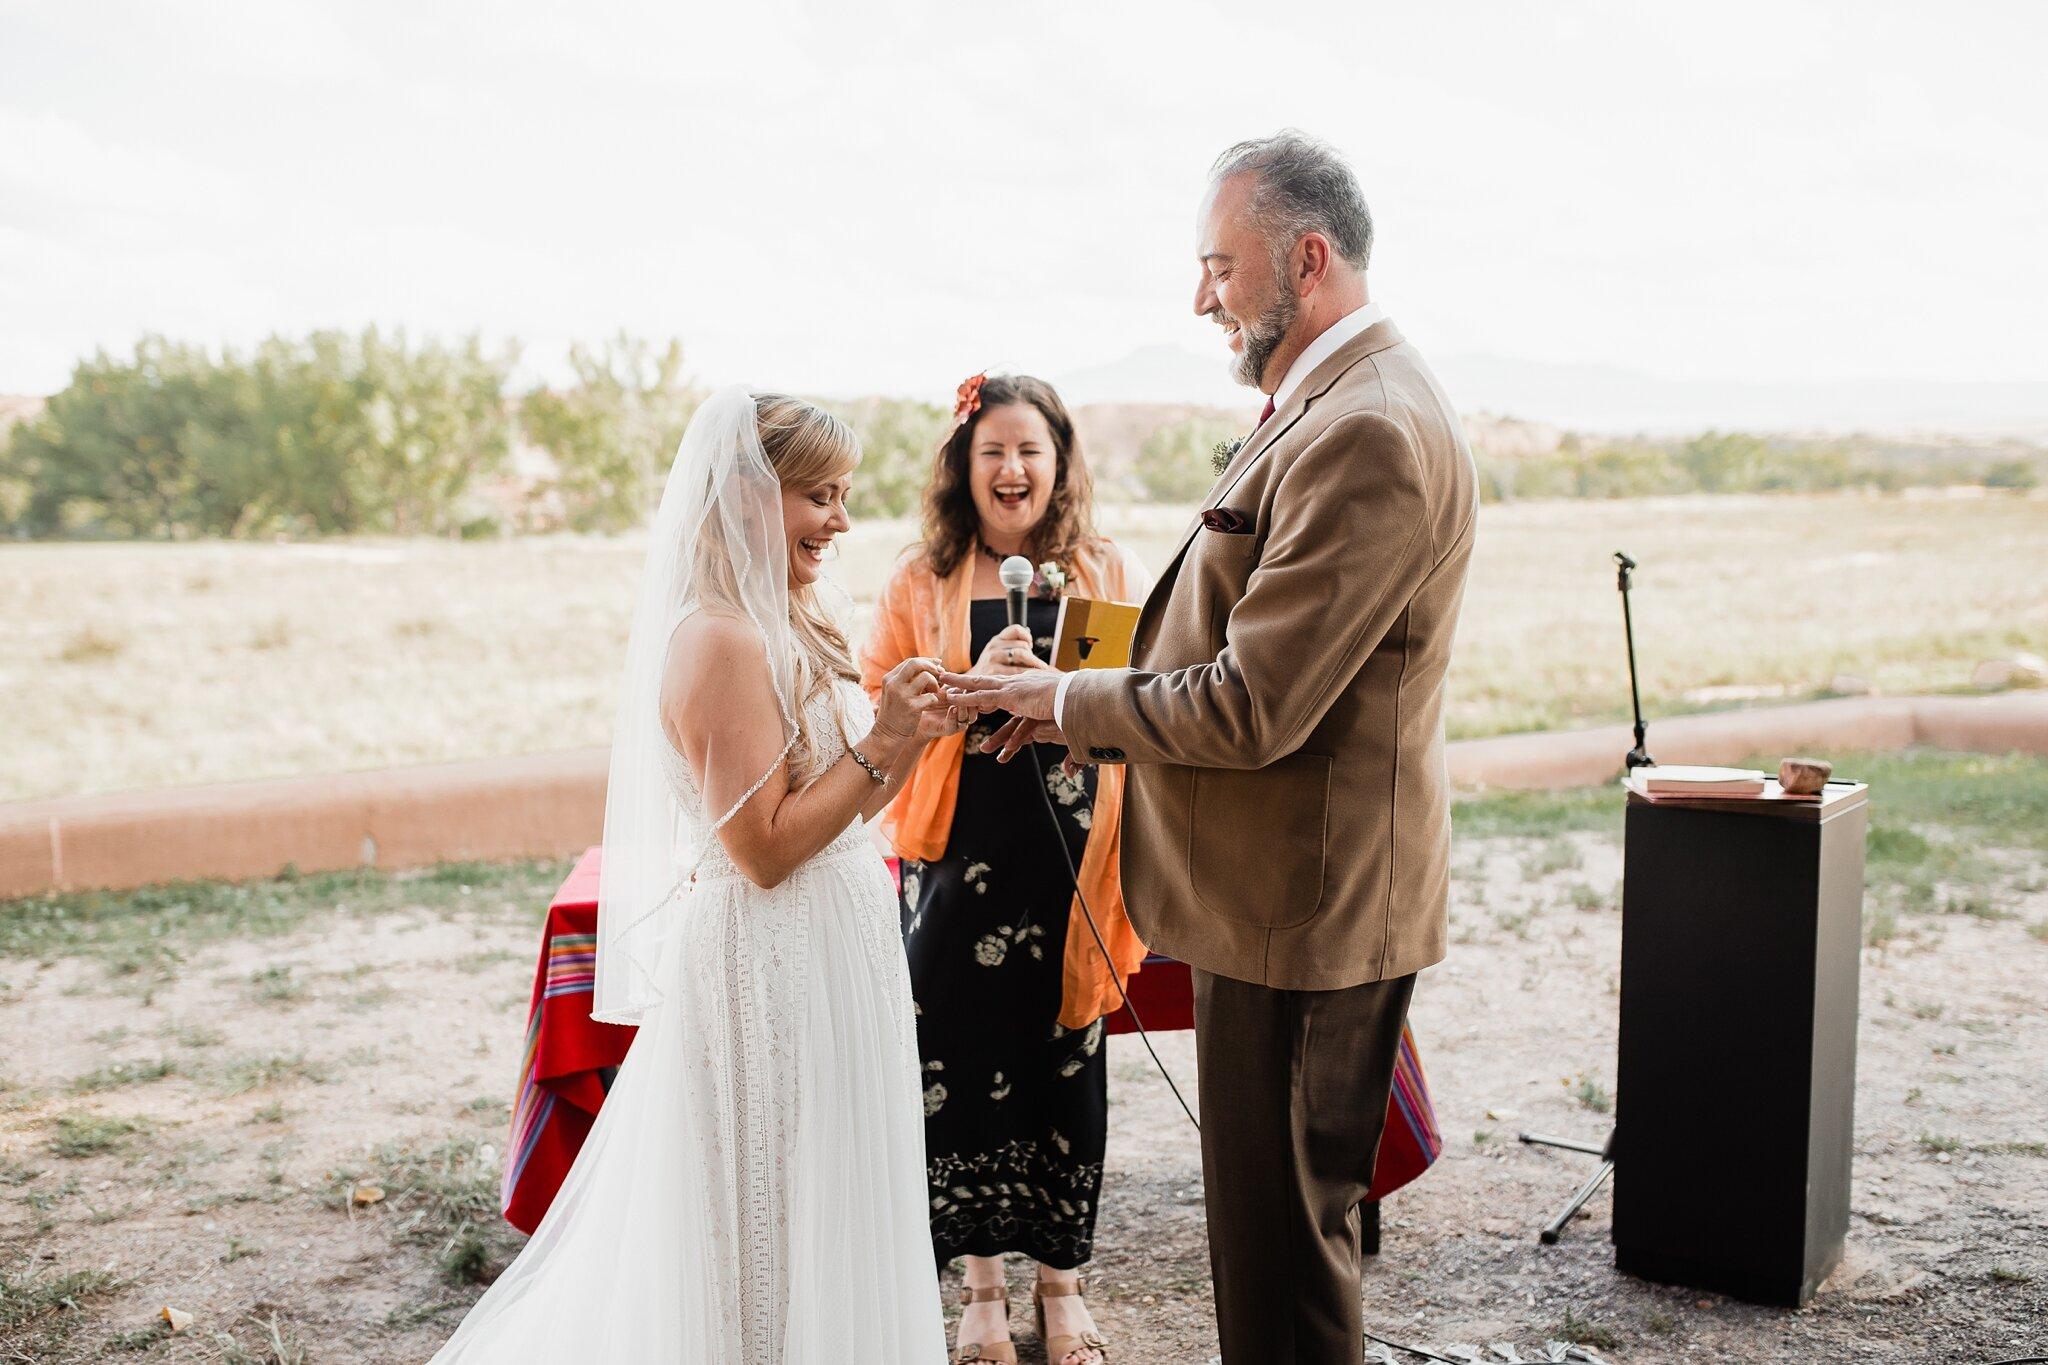 Alicia+lucia+photography+-+albuquerque+wedding+photographer+-+santa+fe+wedding+photography+-+new+mexico+wedding+photographer+-+new+mexico+wedding+-+wedding+-+santa+fe+wedding+-+ghost+ranch+-+ghost+ranch+wedding+-+fall+wedding_0034.jpg